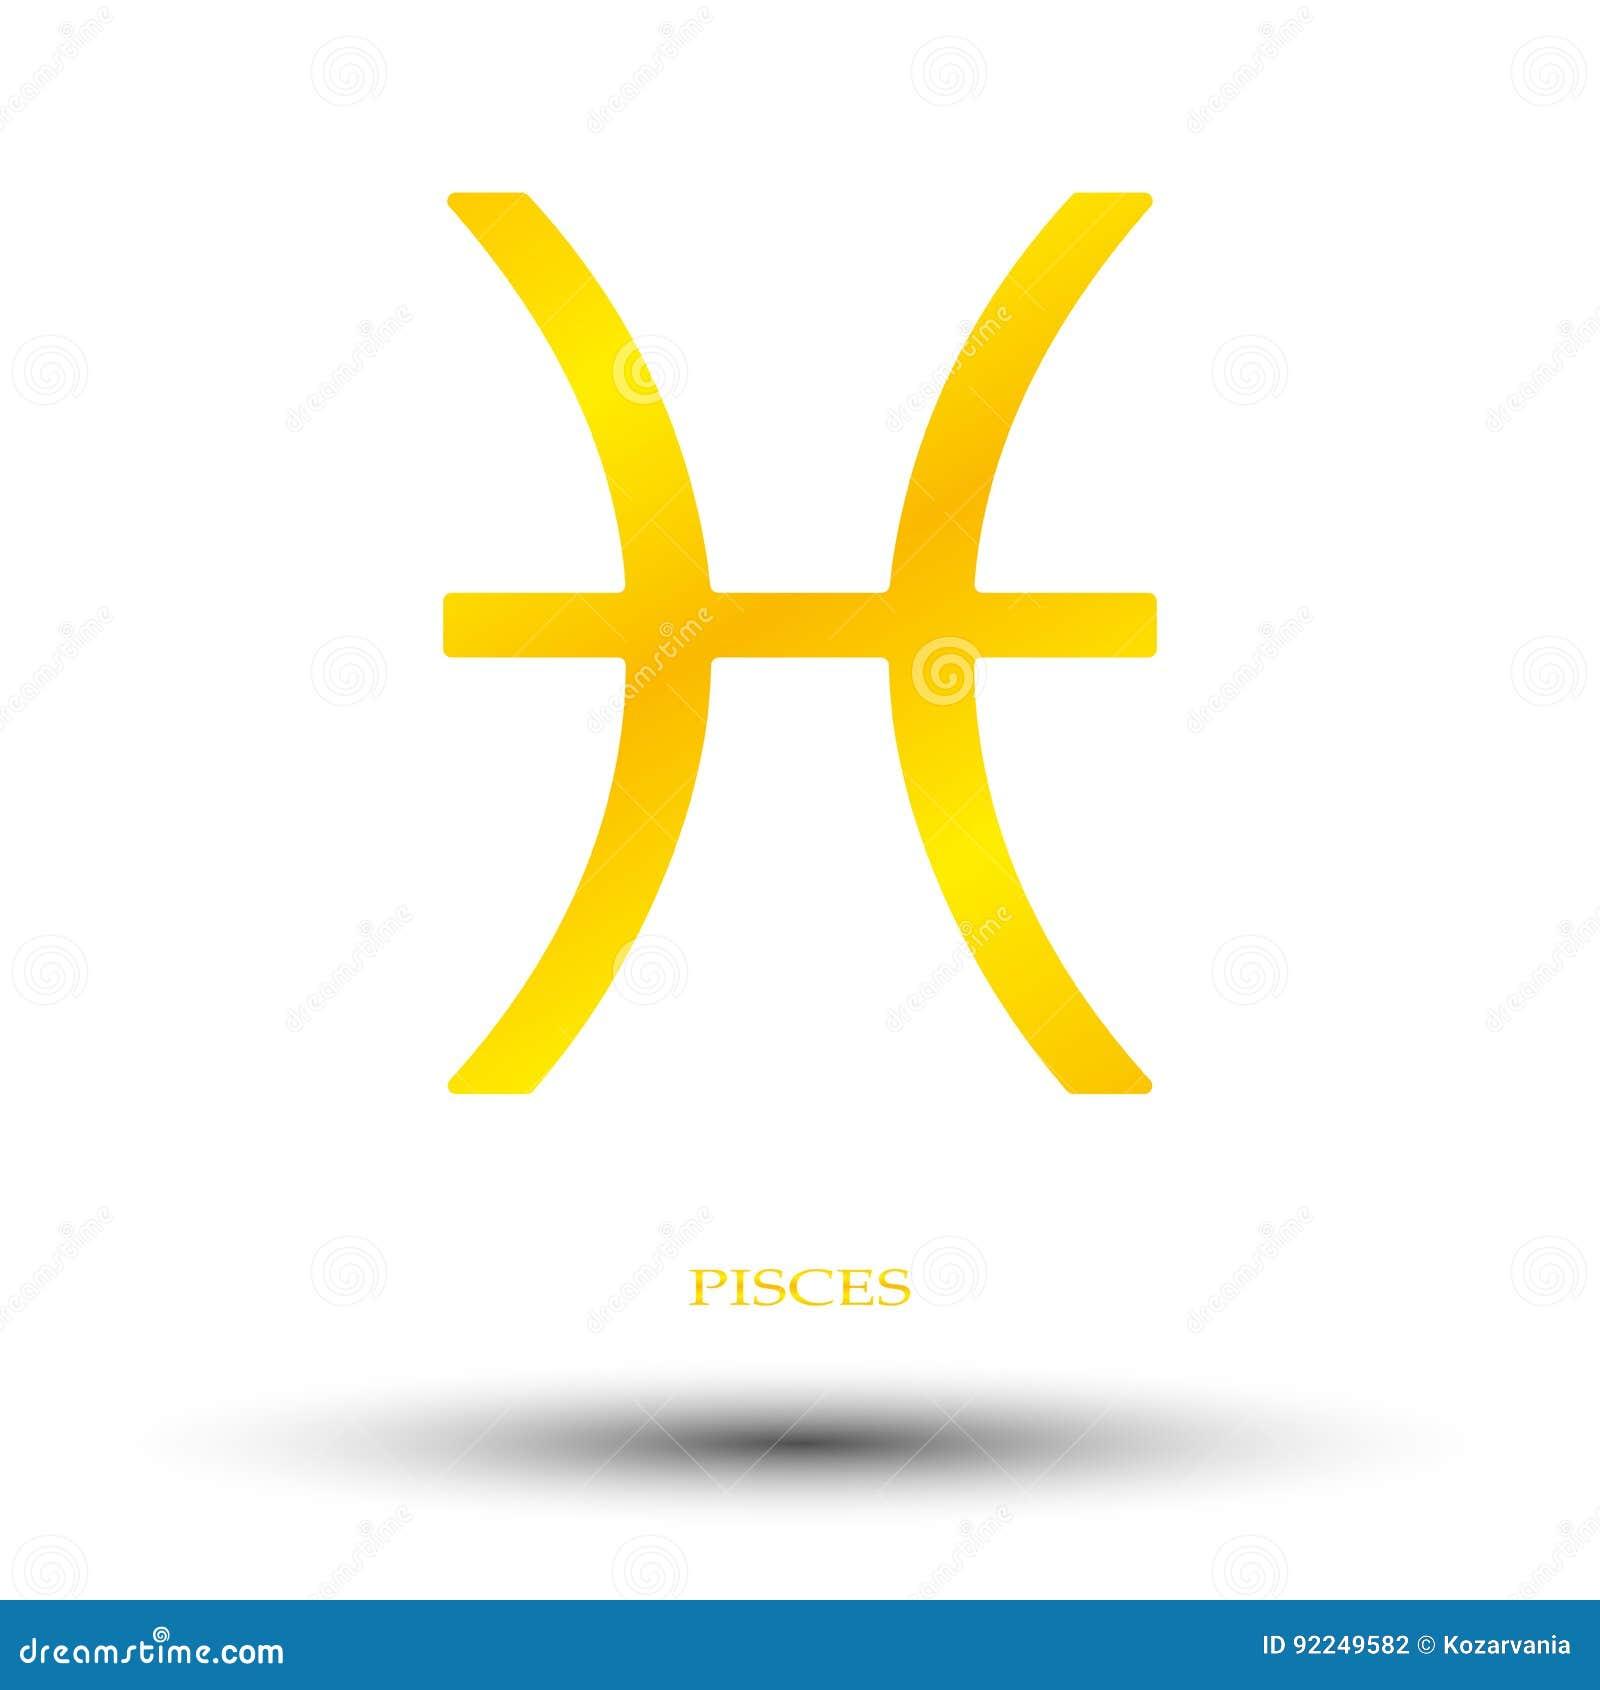 Golden Pisces Sign Stock Vector Illustration Of Light 92249582